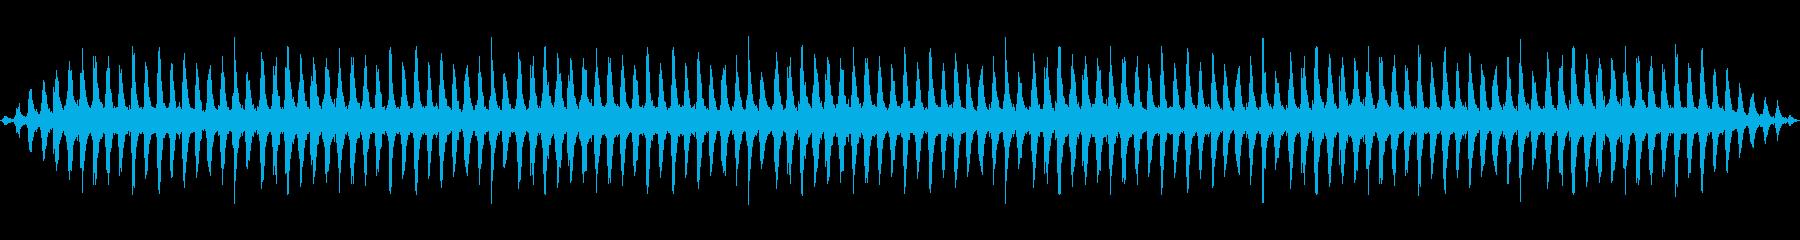 ザッザッザッの再生済みの波形